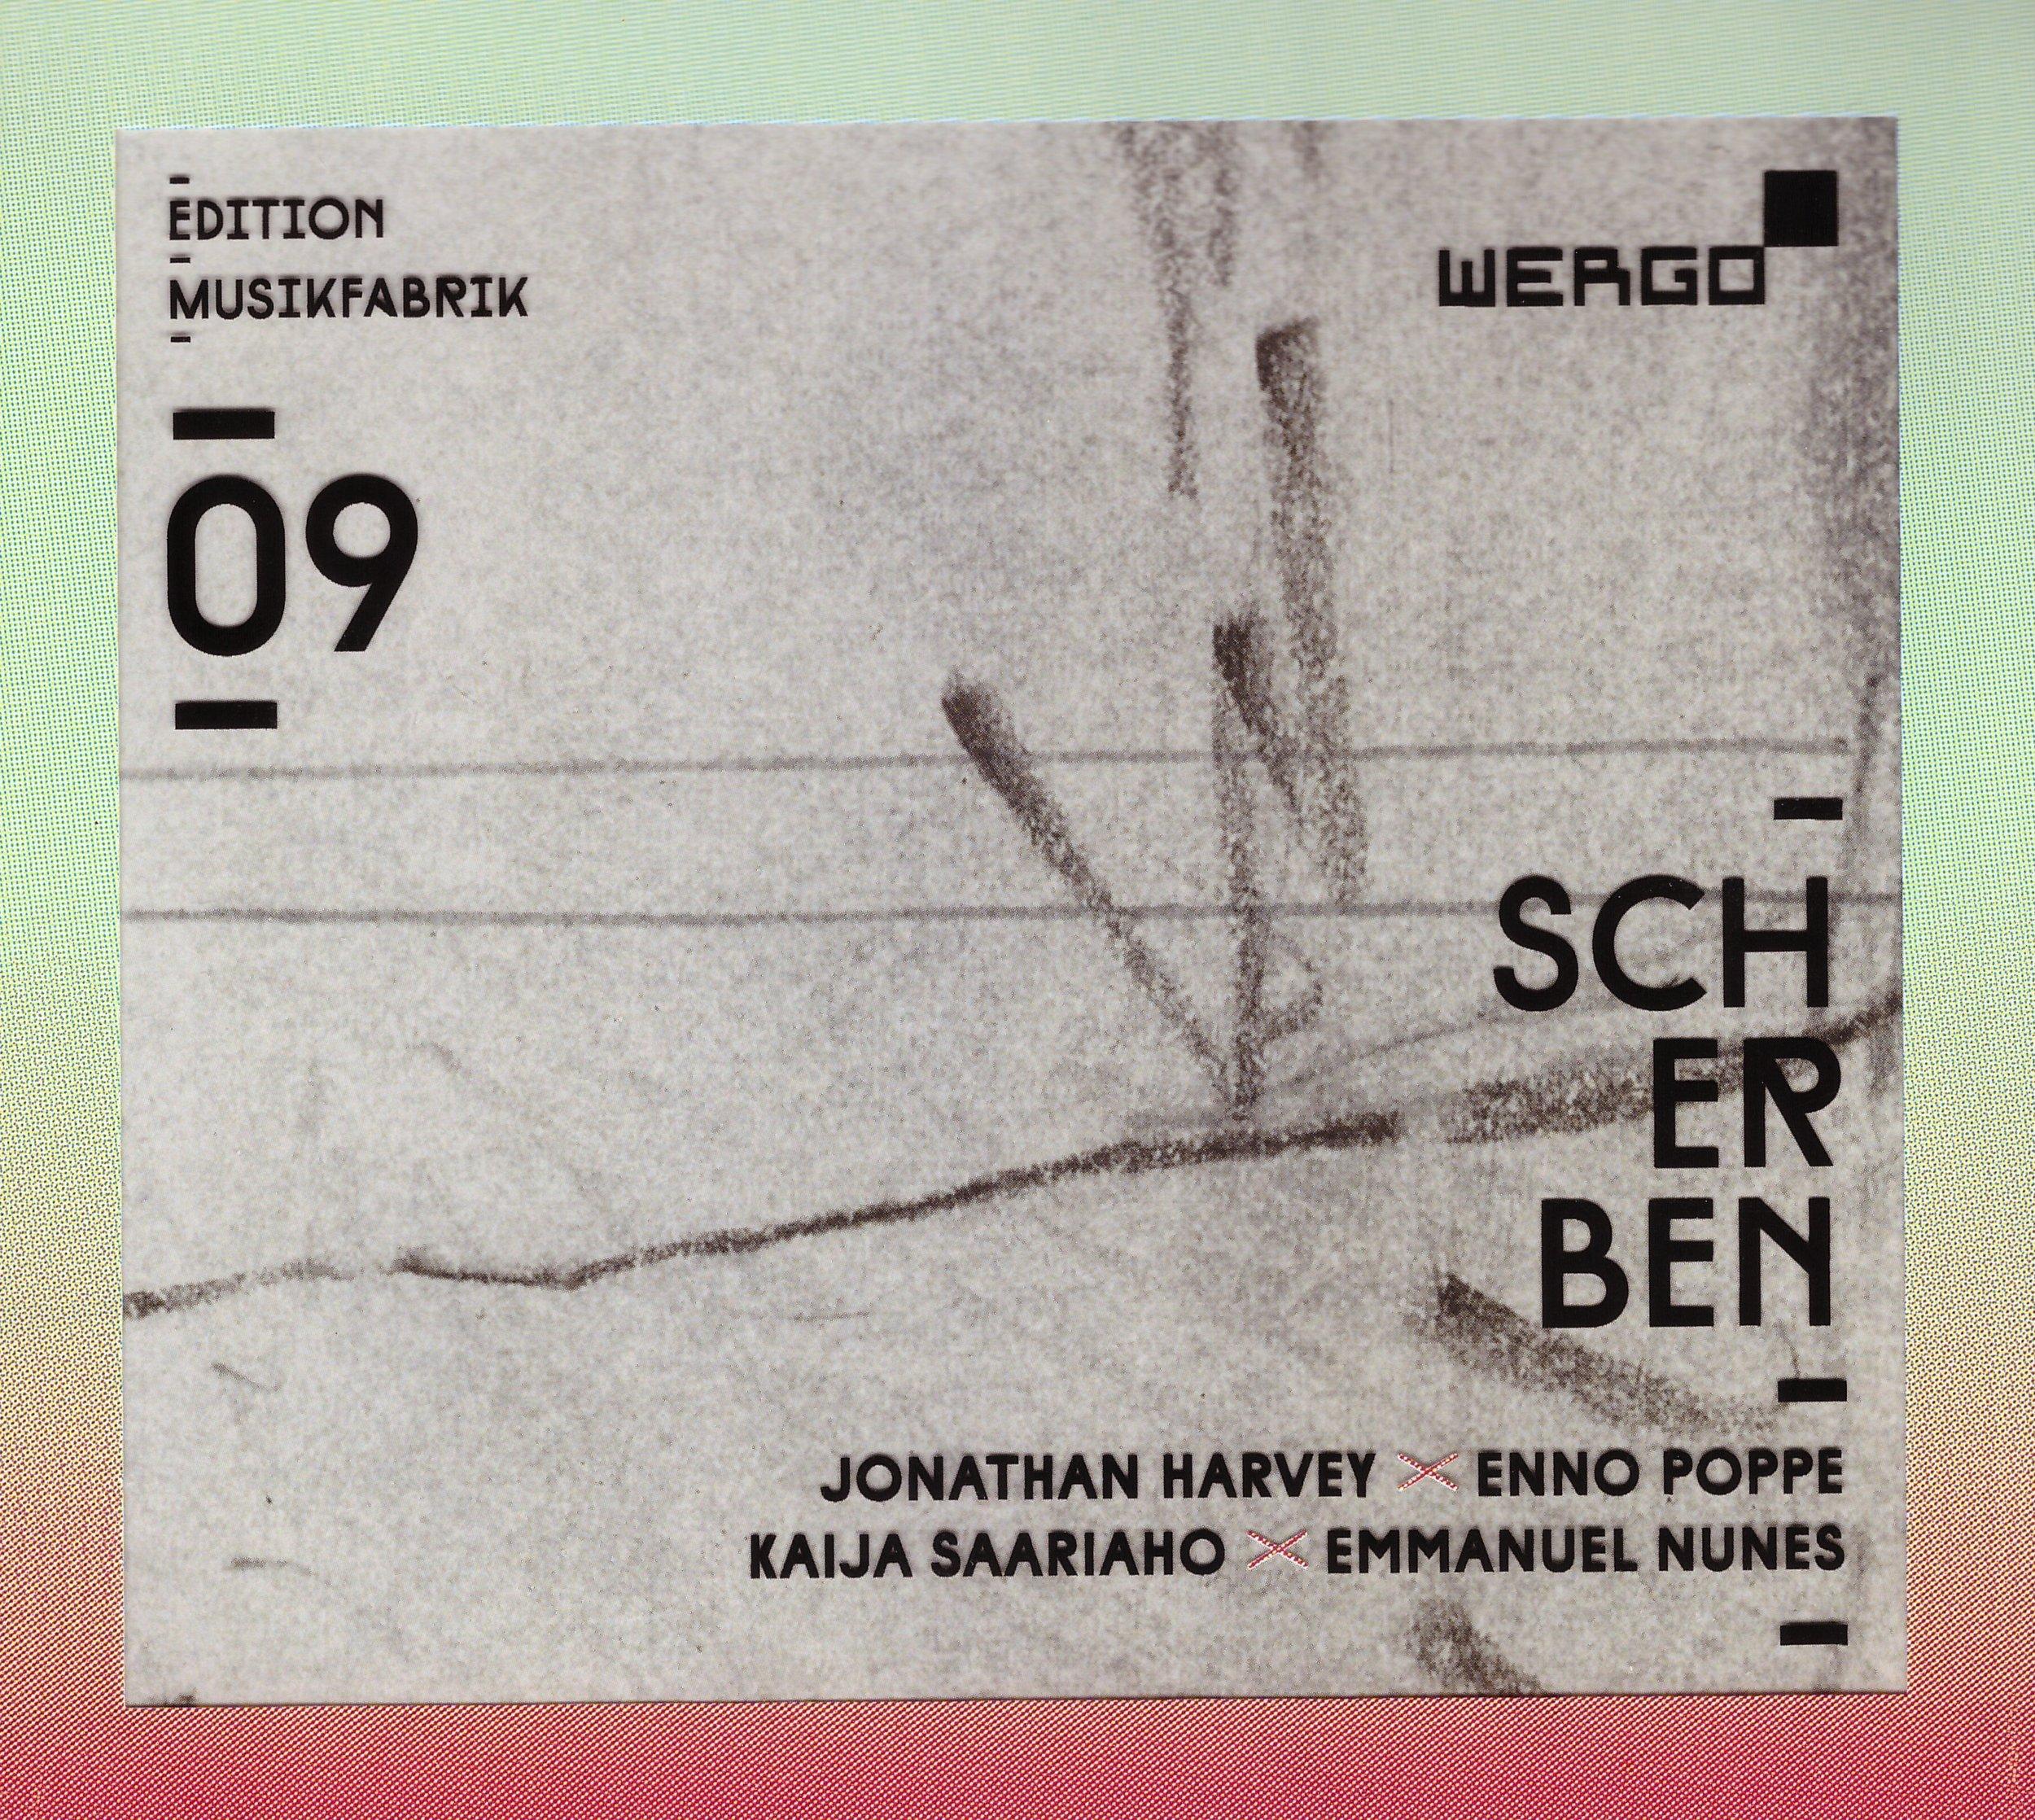 Scherben – Ensemble Musikfabrik  • Chessed – Emmanuel  Nunes  • Scherben [Zürcher Fassung] – Enno  Poppe °    ORDER